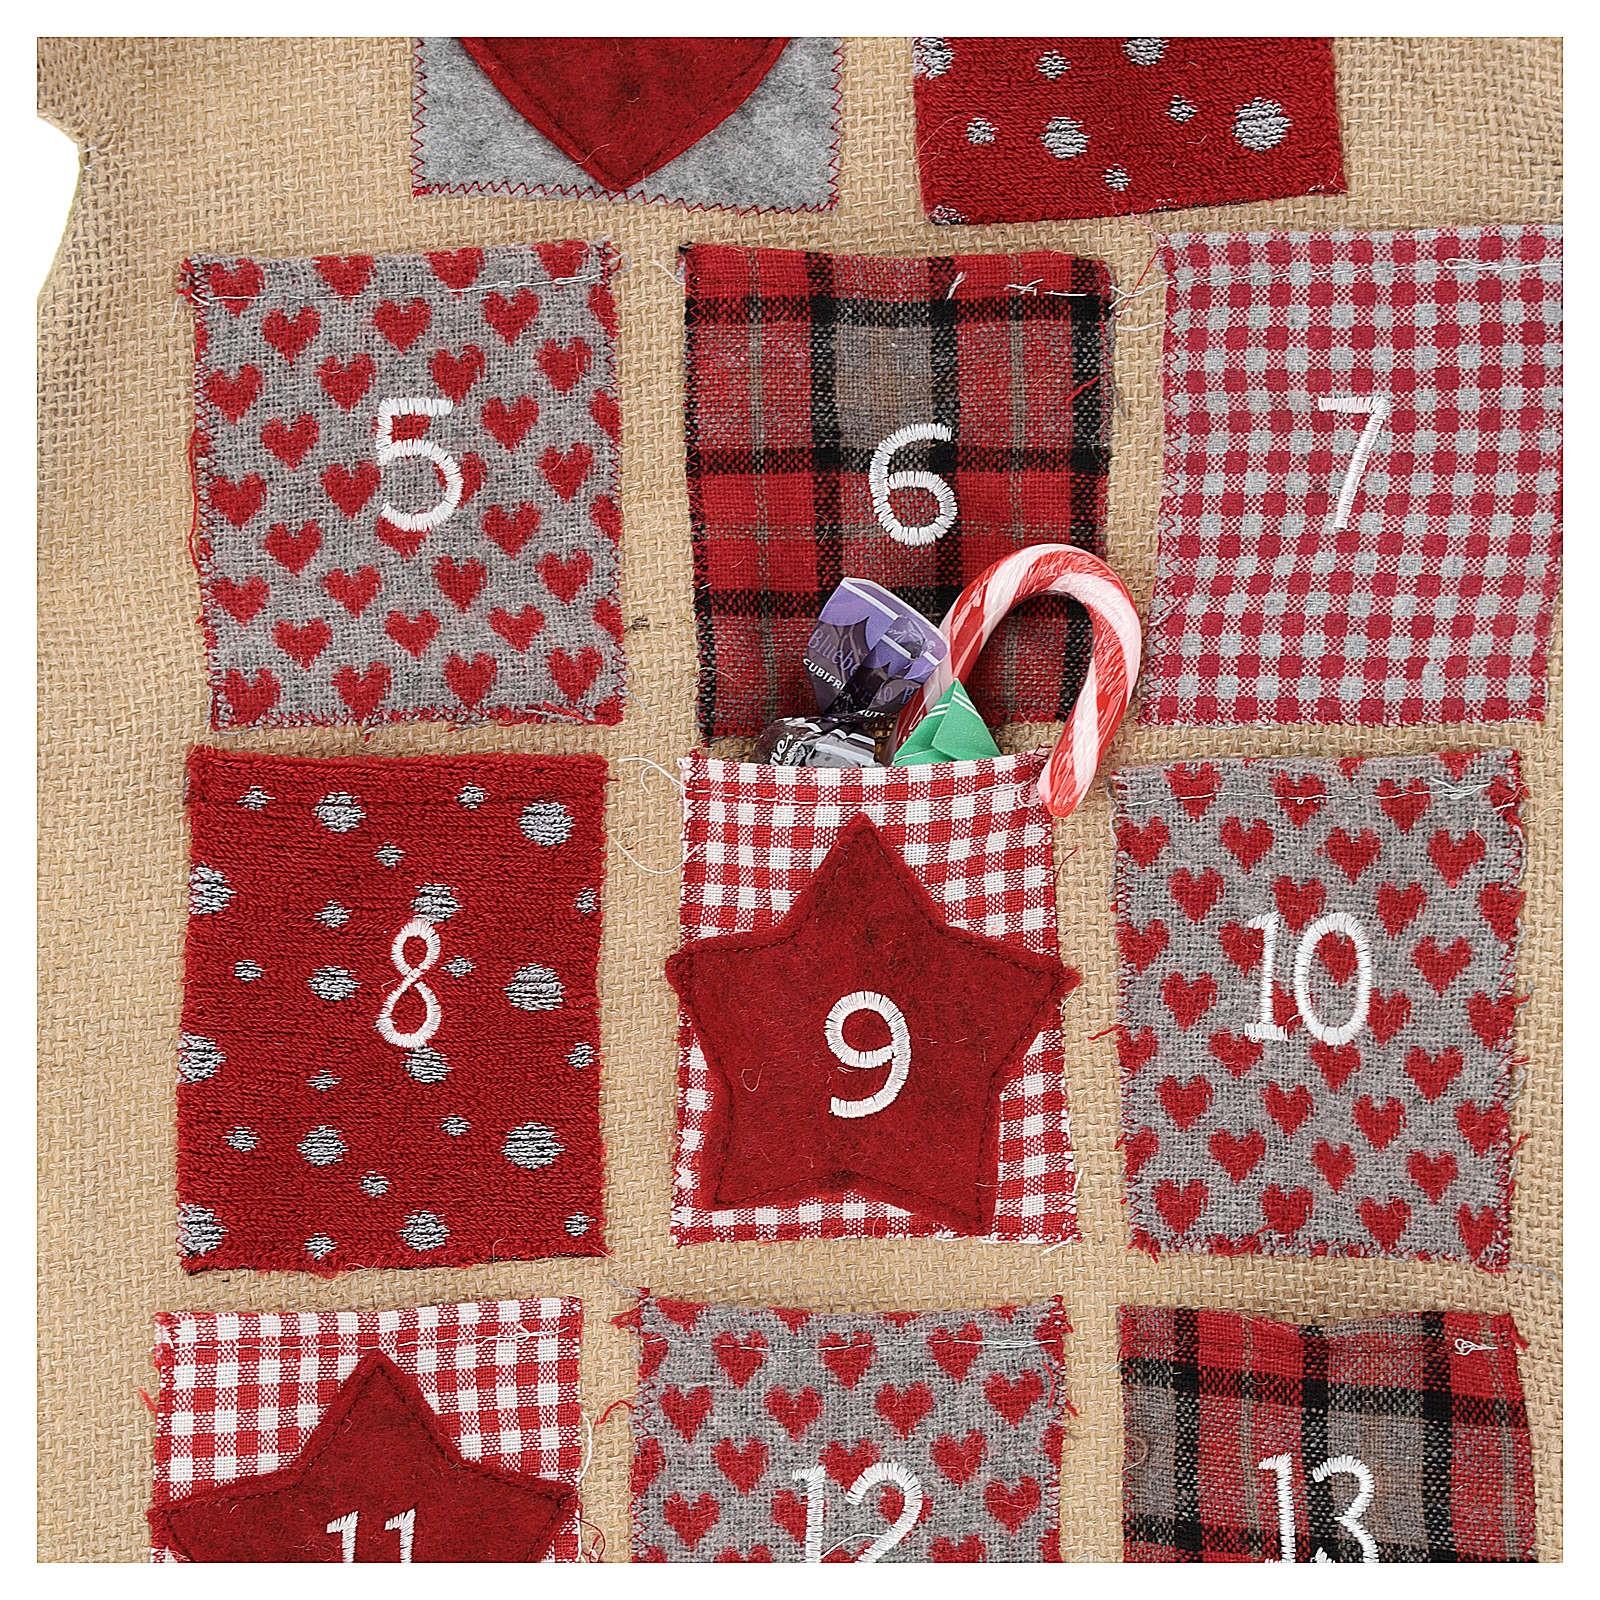 calendario adviento de arpillera arbol de navidad h 120 cm